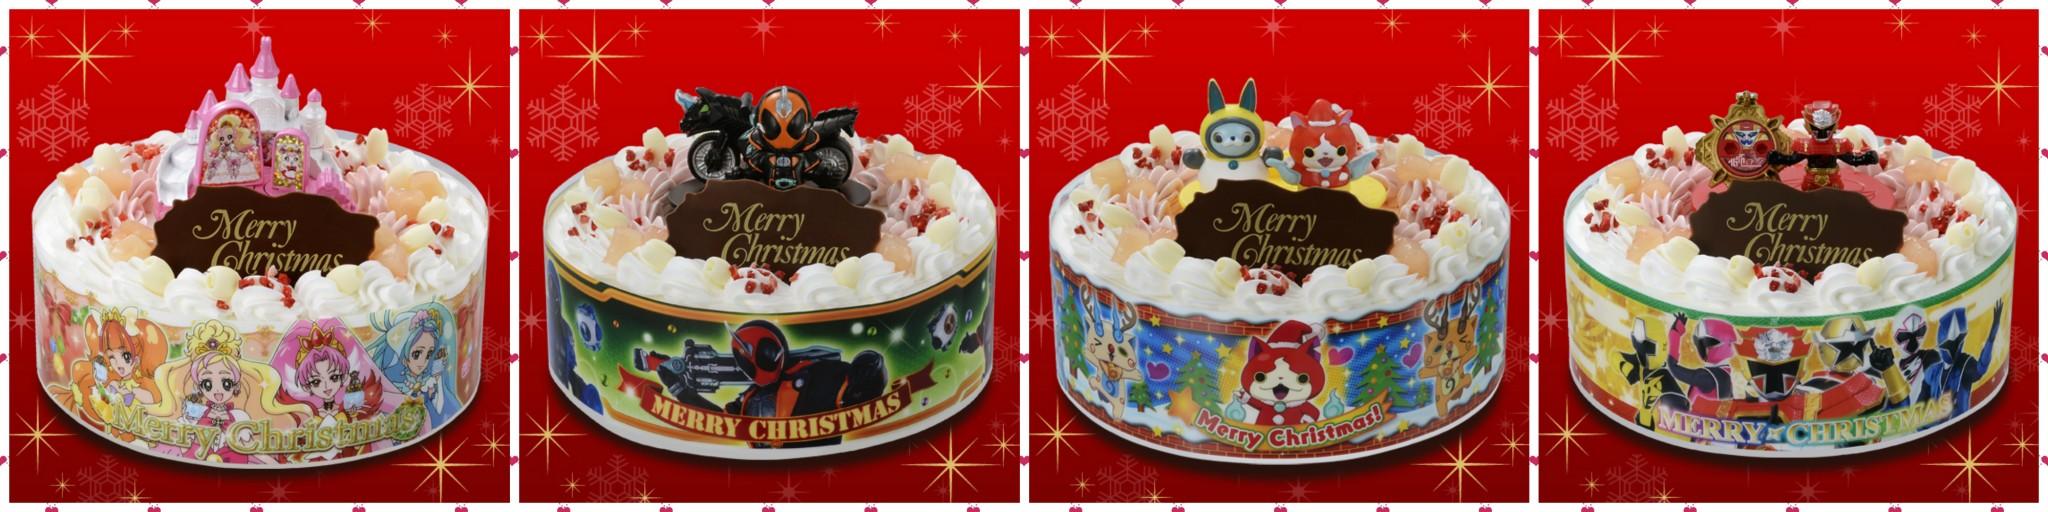 bandai_christmas_cake_top